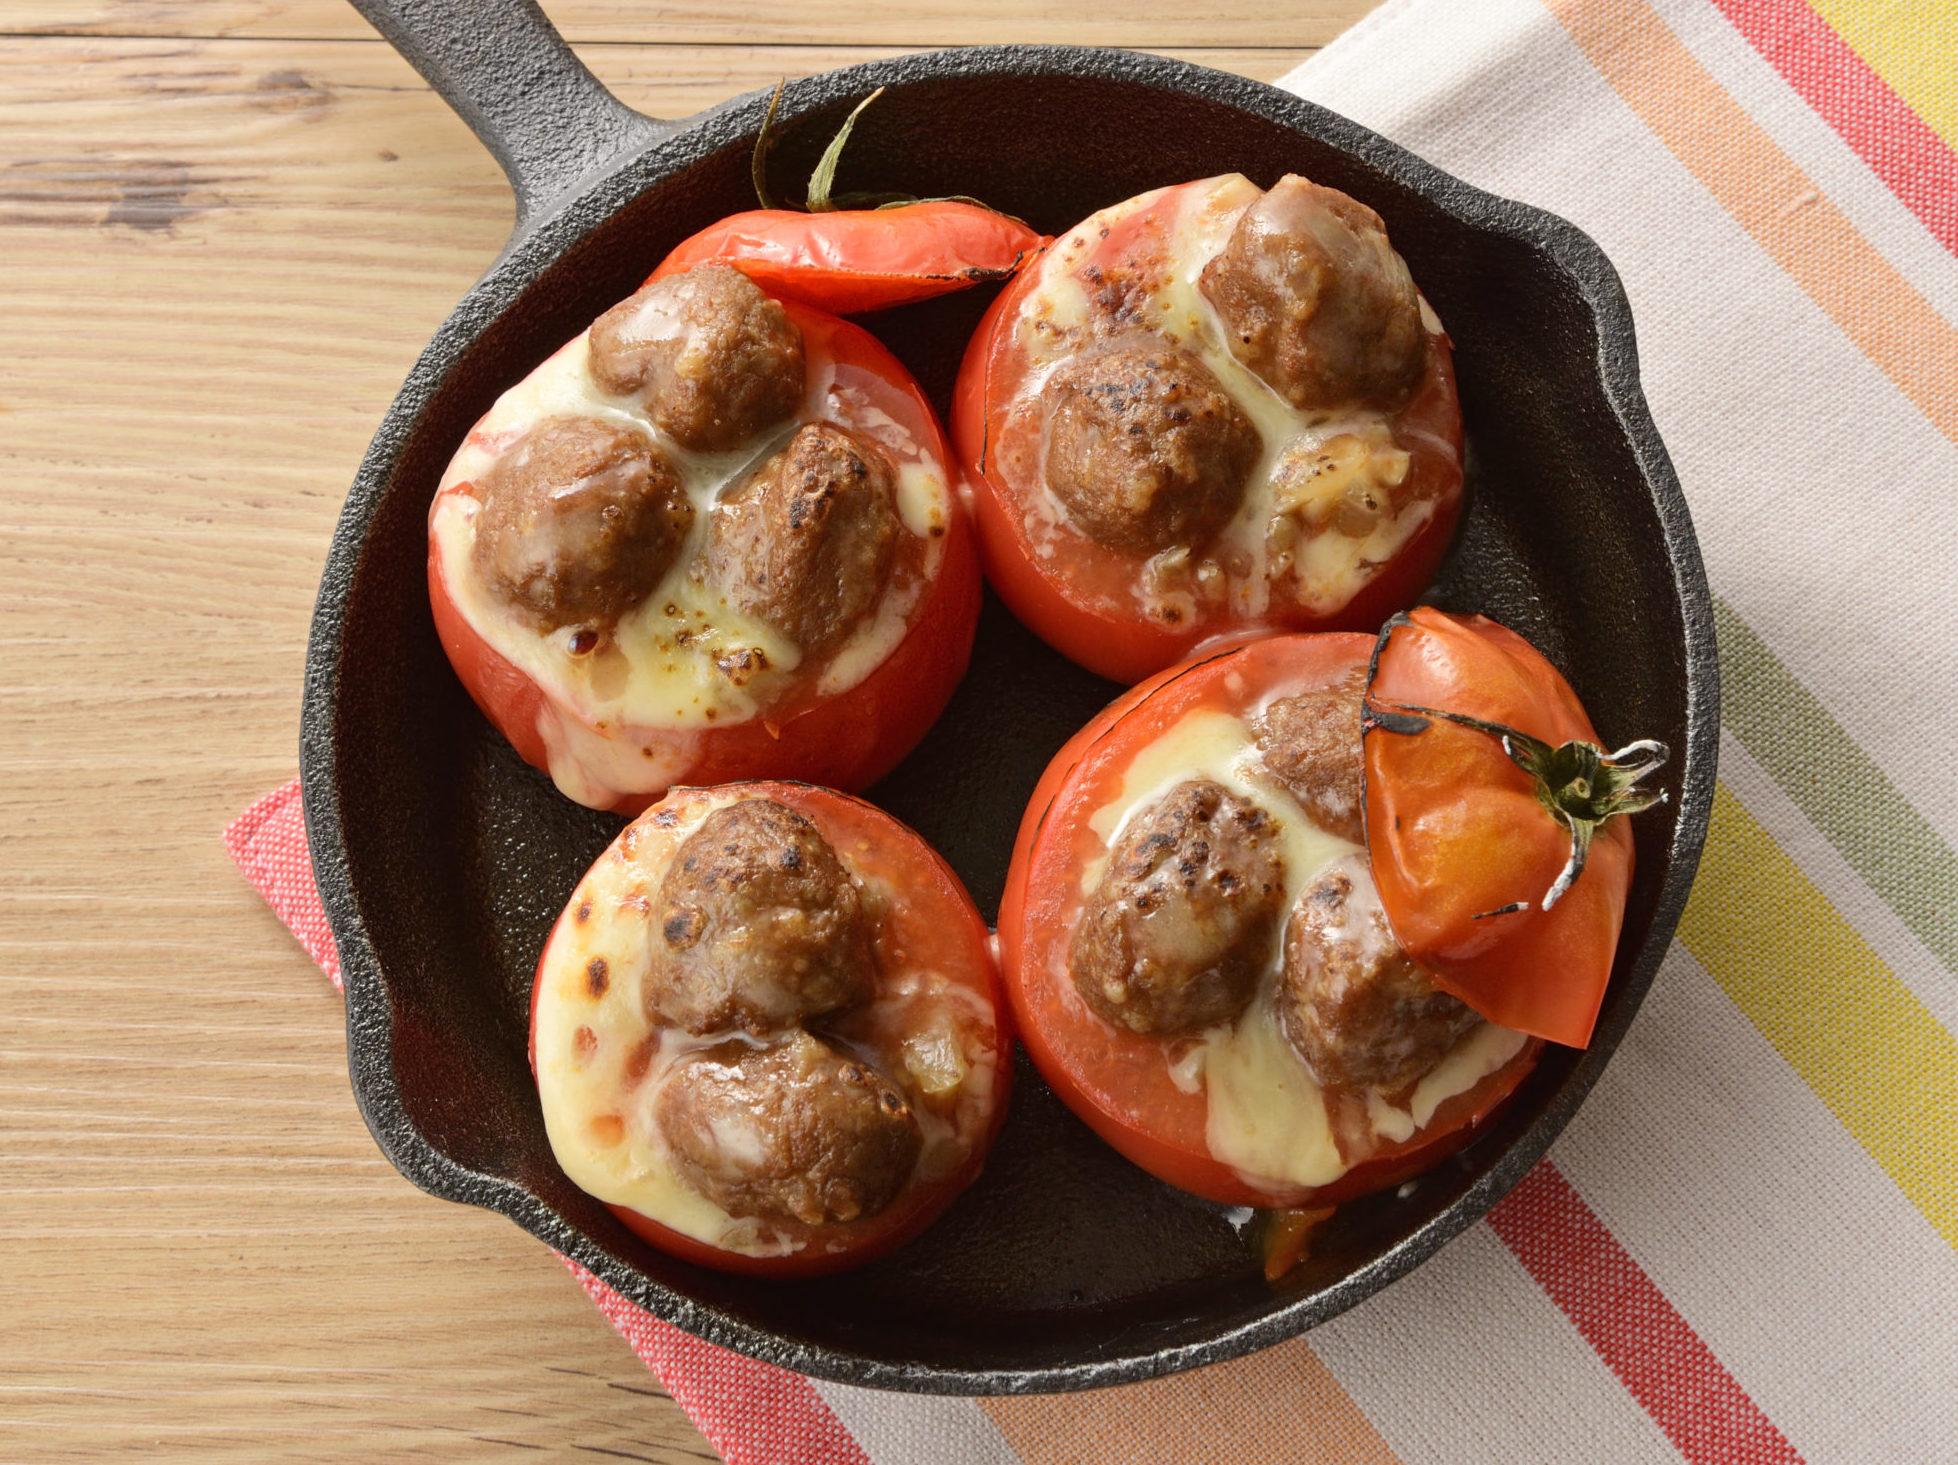 ミートボールがごろっと入ったトマトの肉詰め焼き